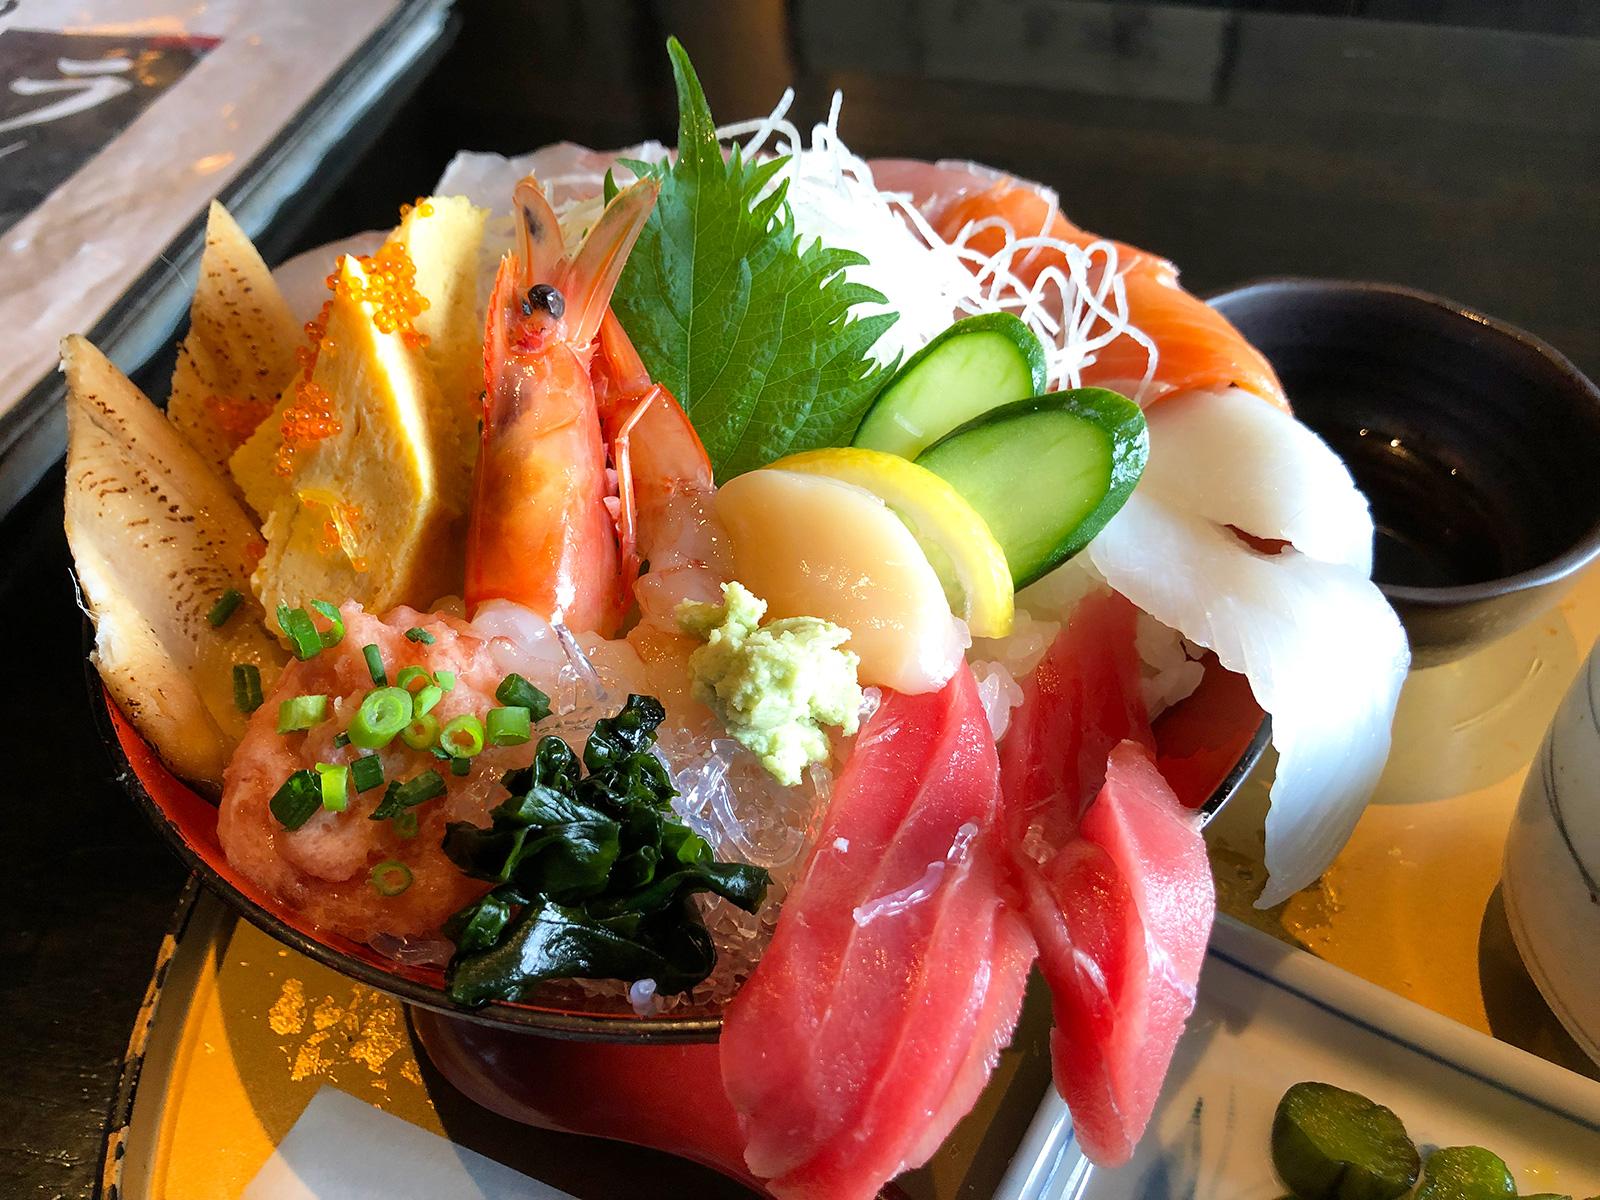 【アフィリめし】「なにがし 一宮店」のはみでる海鮮丼御膳 @一宮市